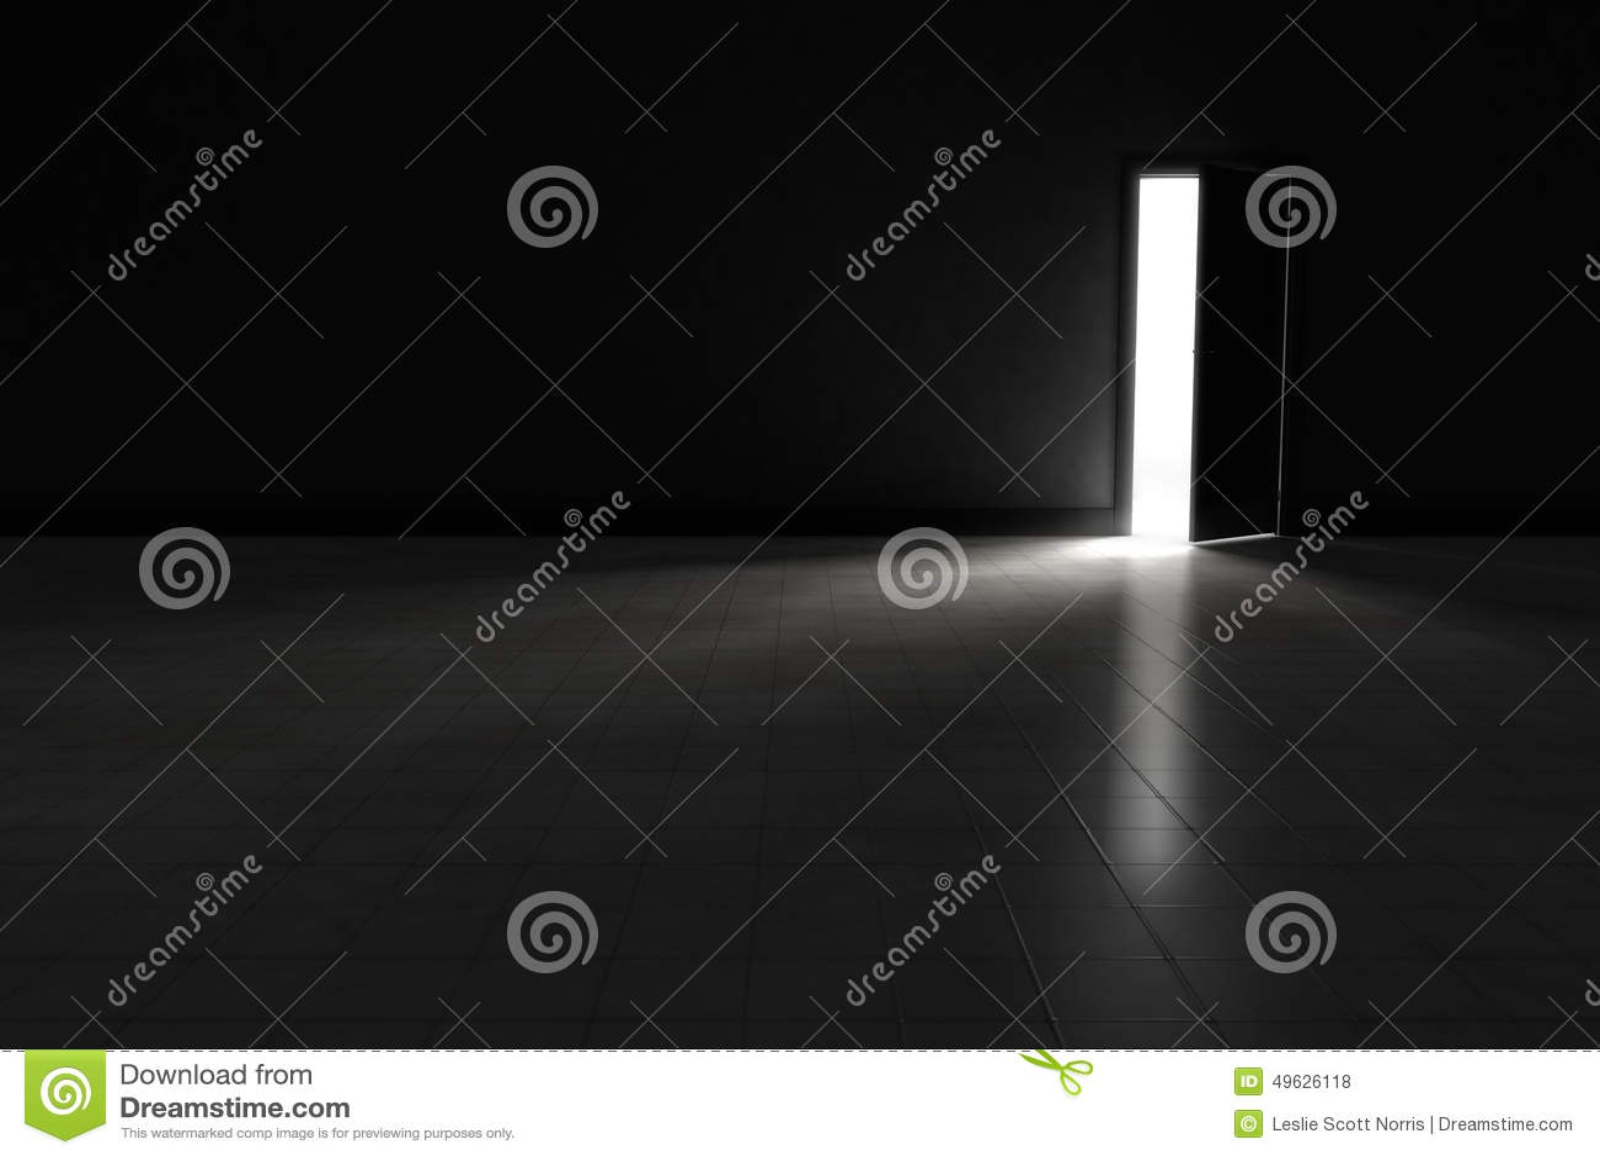 Open door to dark room with bright light shining in. Background